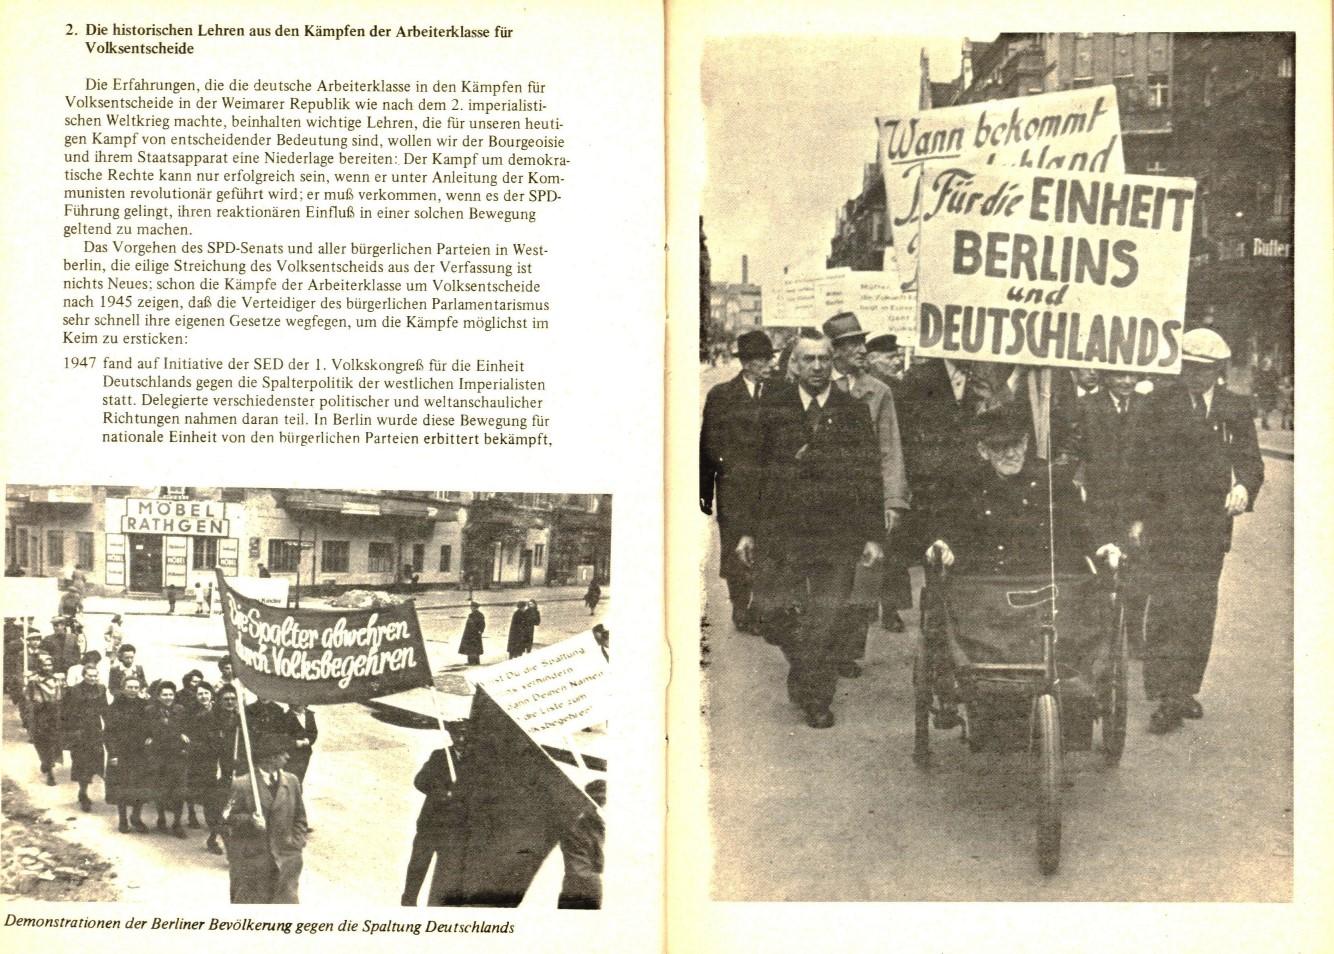 Berlin_KPDAO_1974_Volksentscheid_fuer_Poliklinken_21